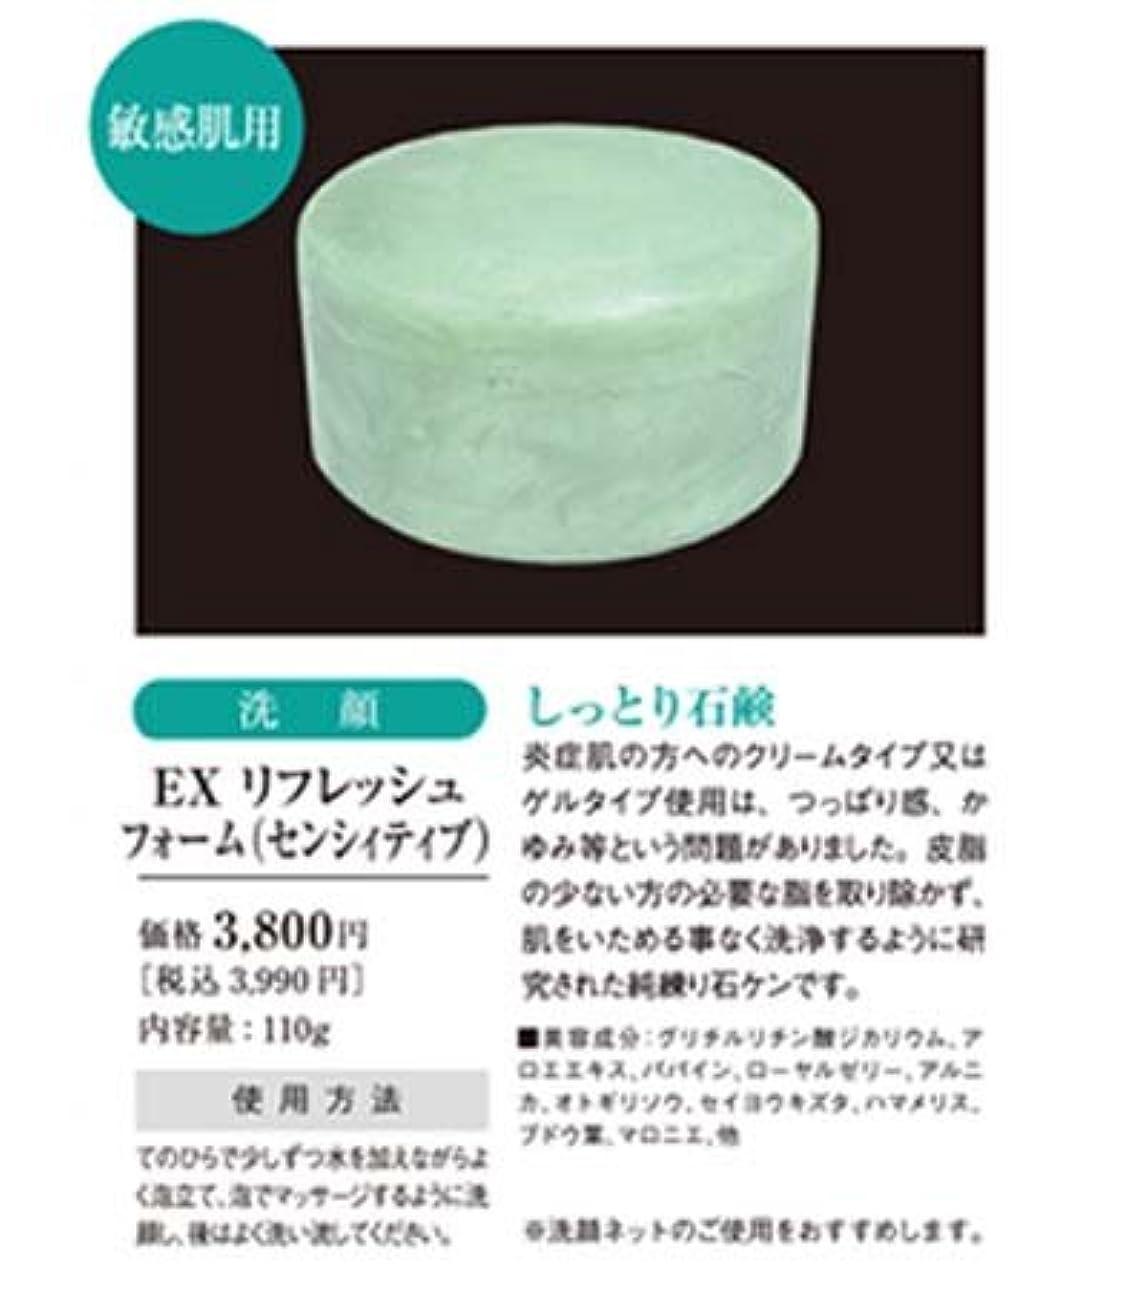 リセル EXリフレッシュフォーム(センシィティブ) 110g 【R-Cell(リセル)】